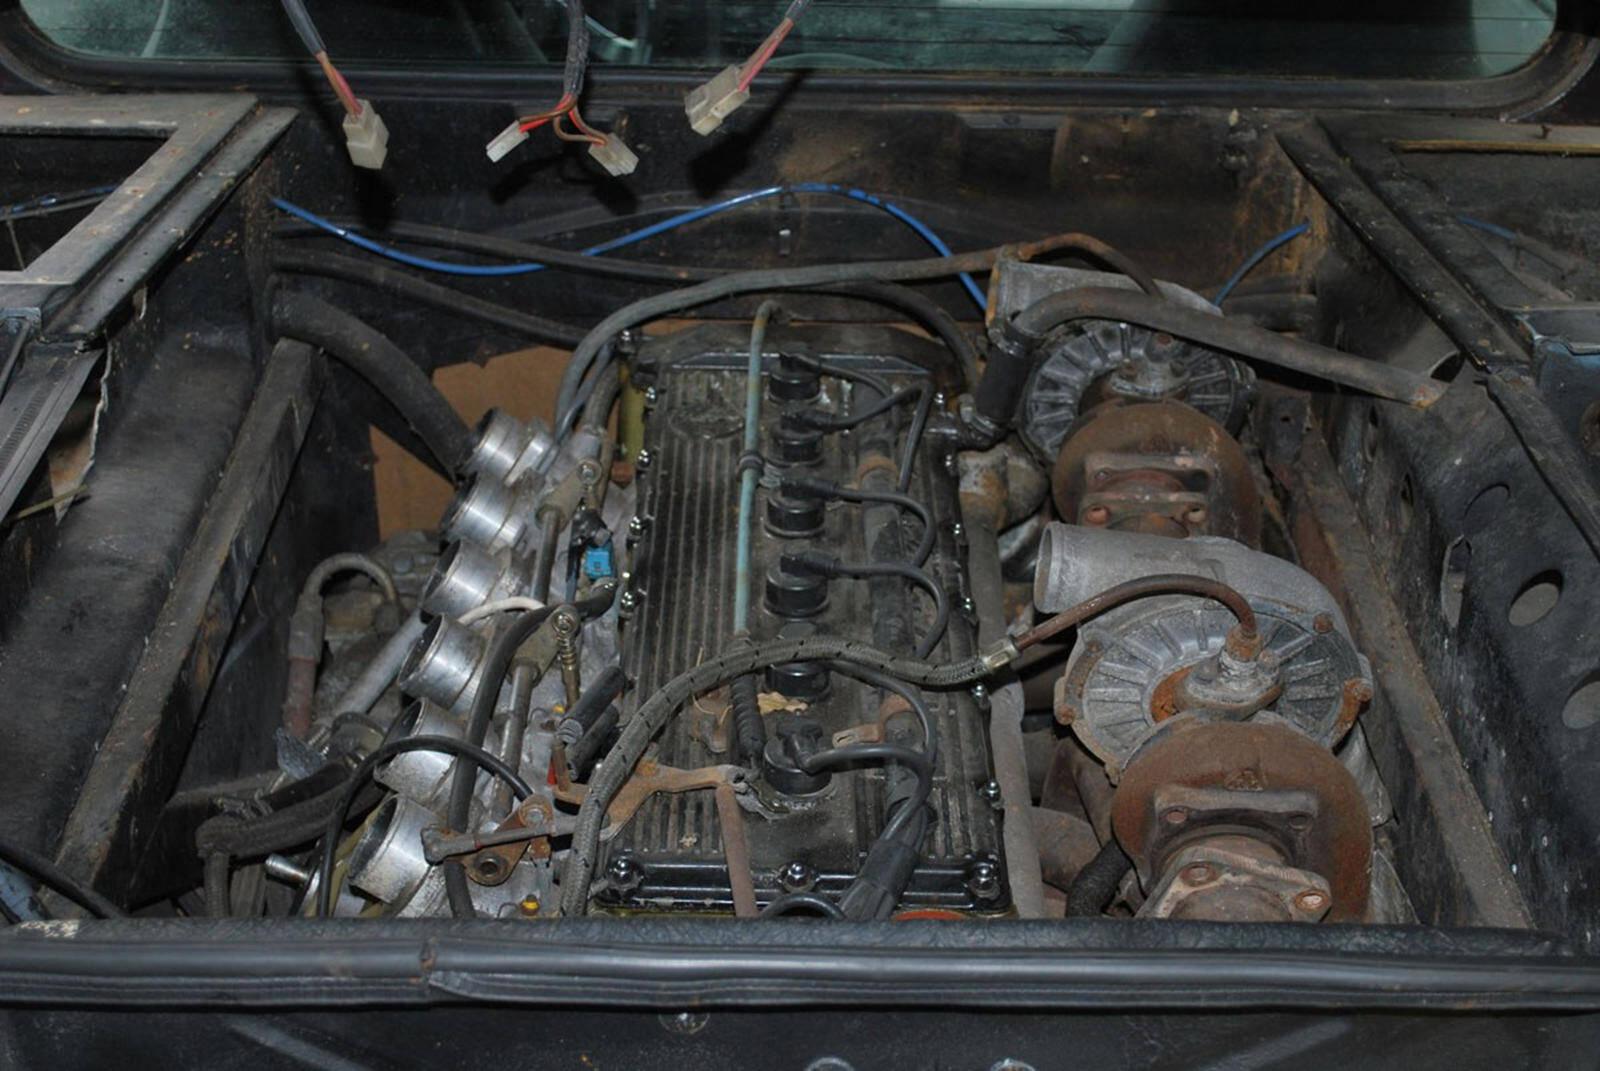 BMW M1 leilão. Foto: Divulgação